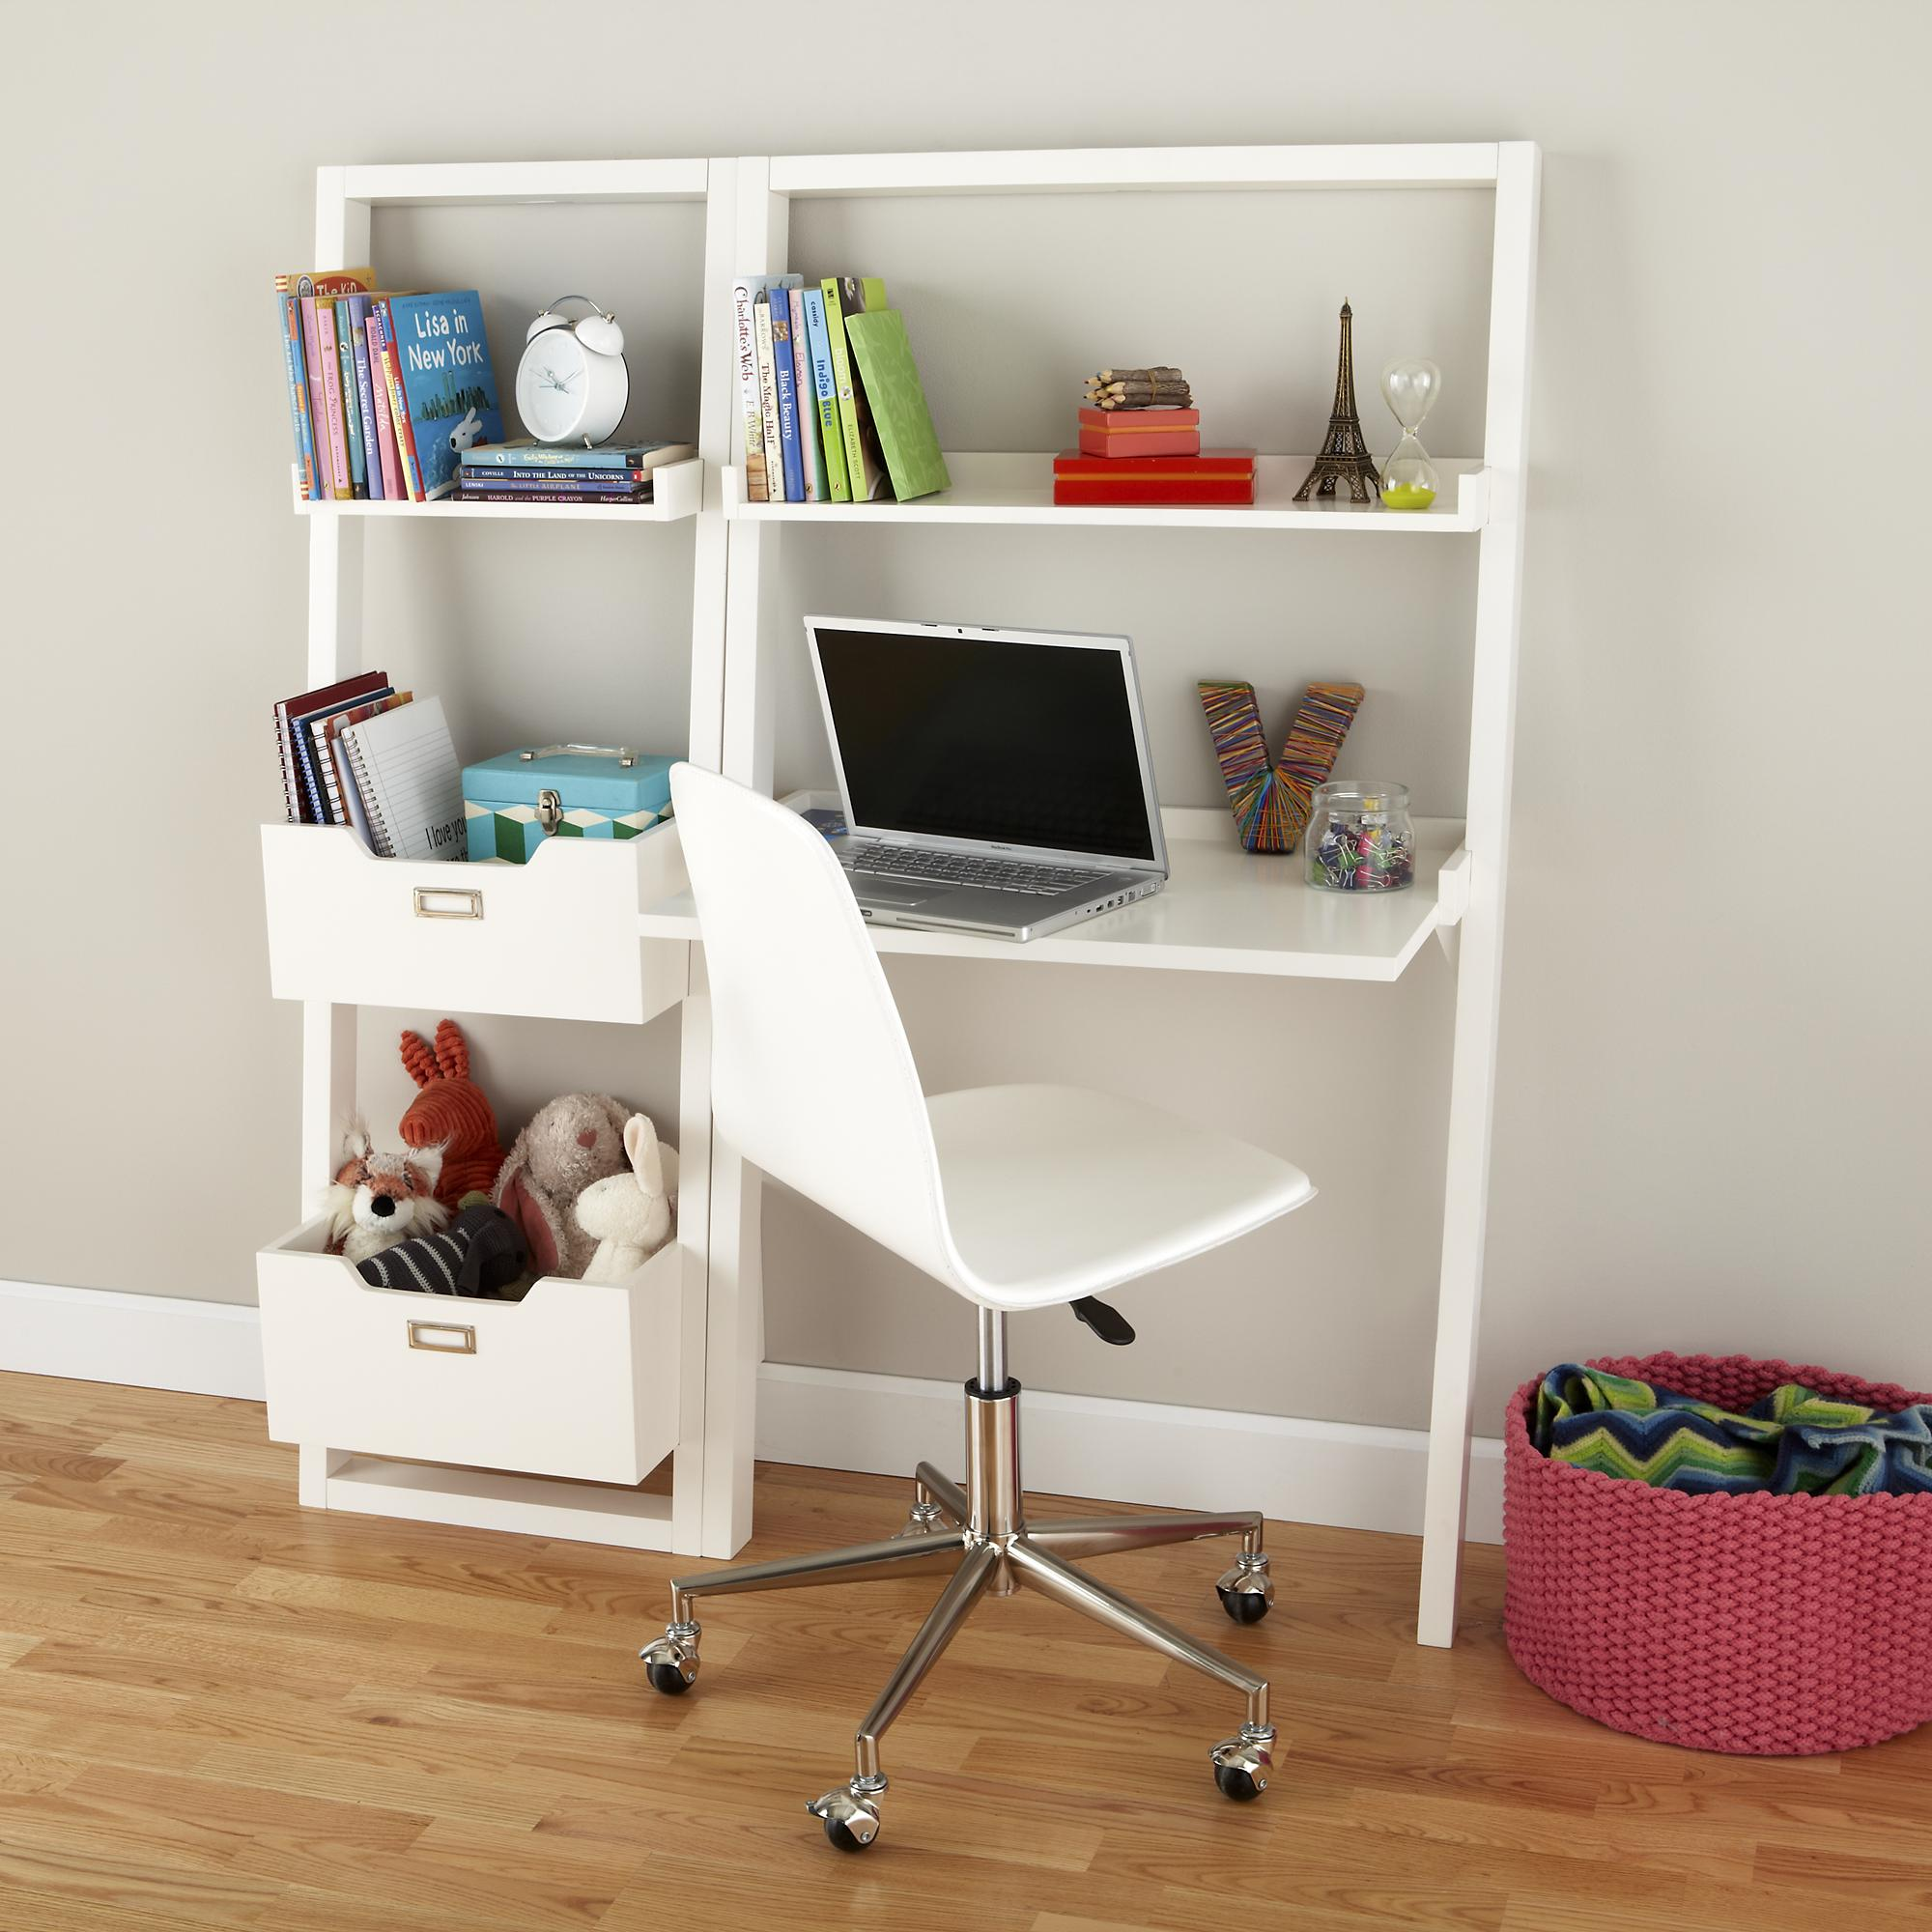 Письменный стол для школьника - фото 100 лучших идей для дом.